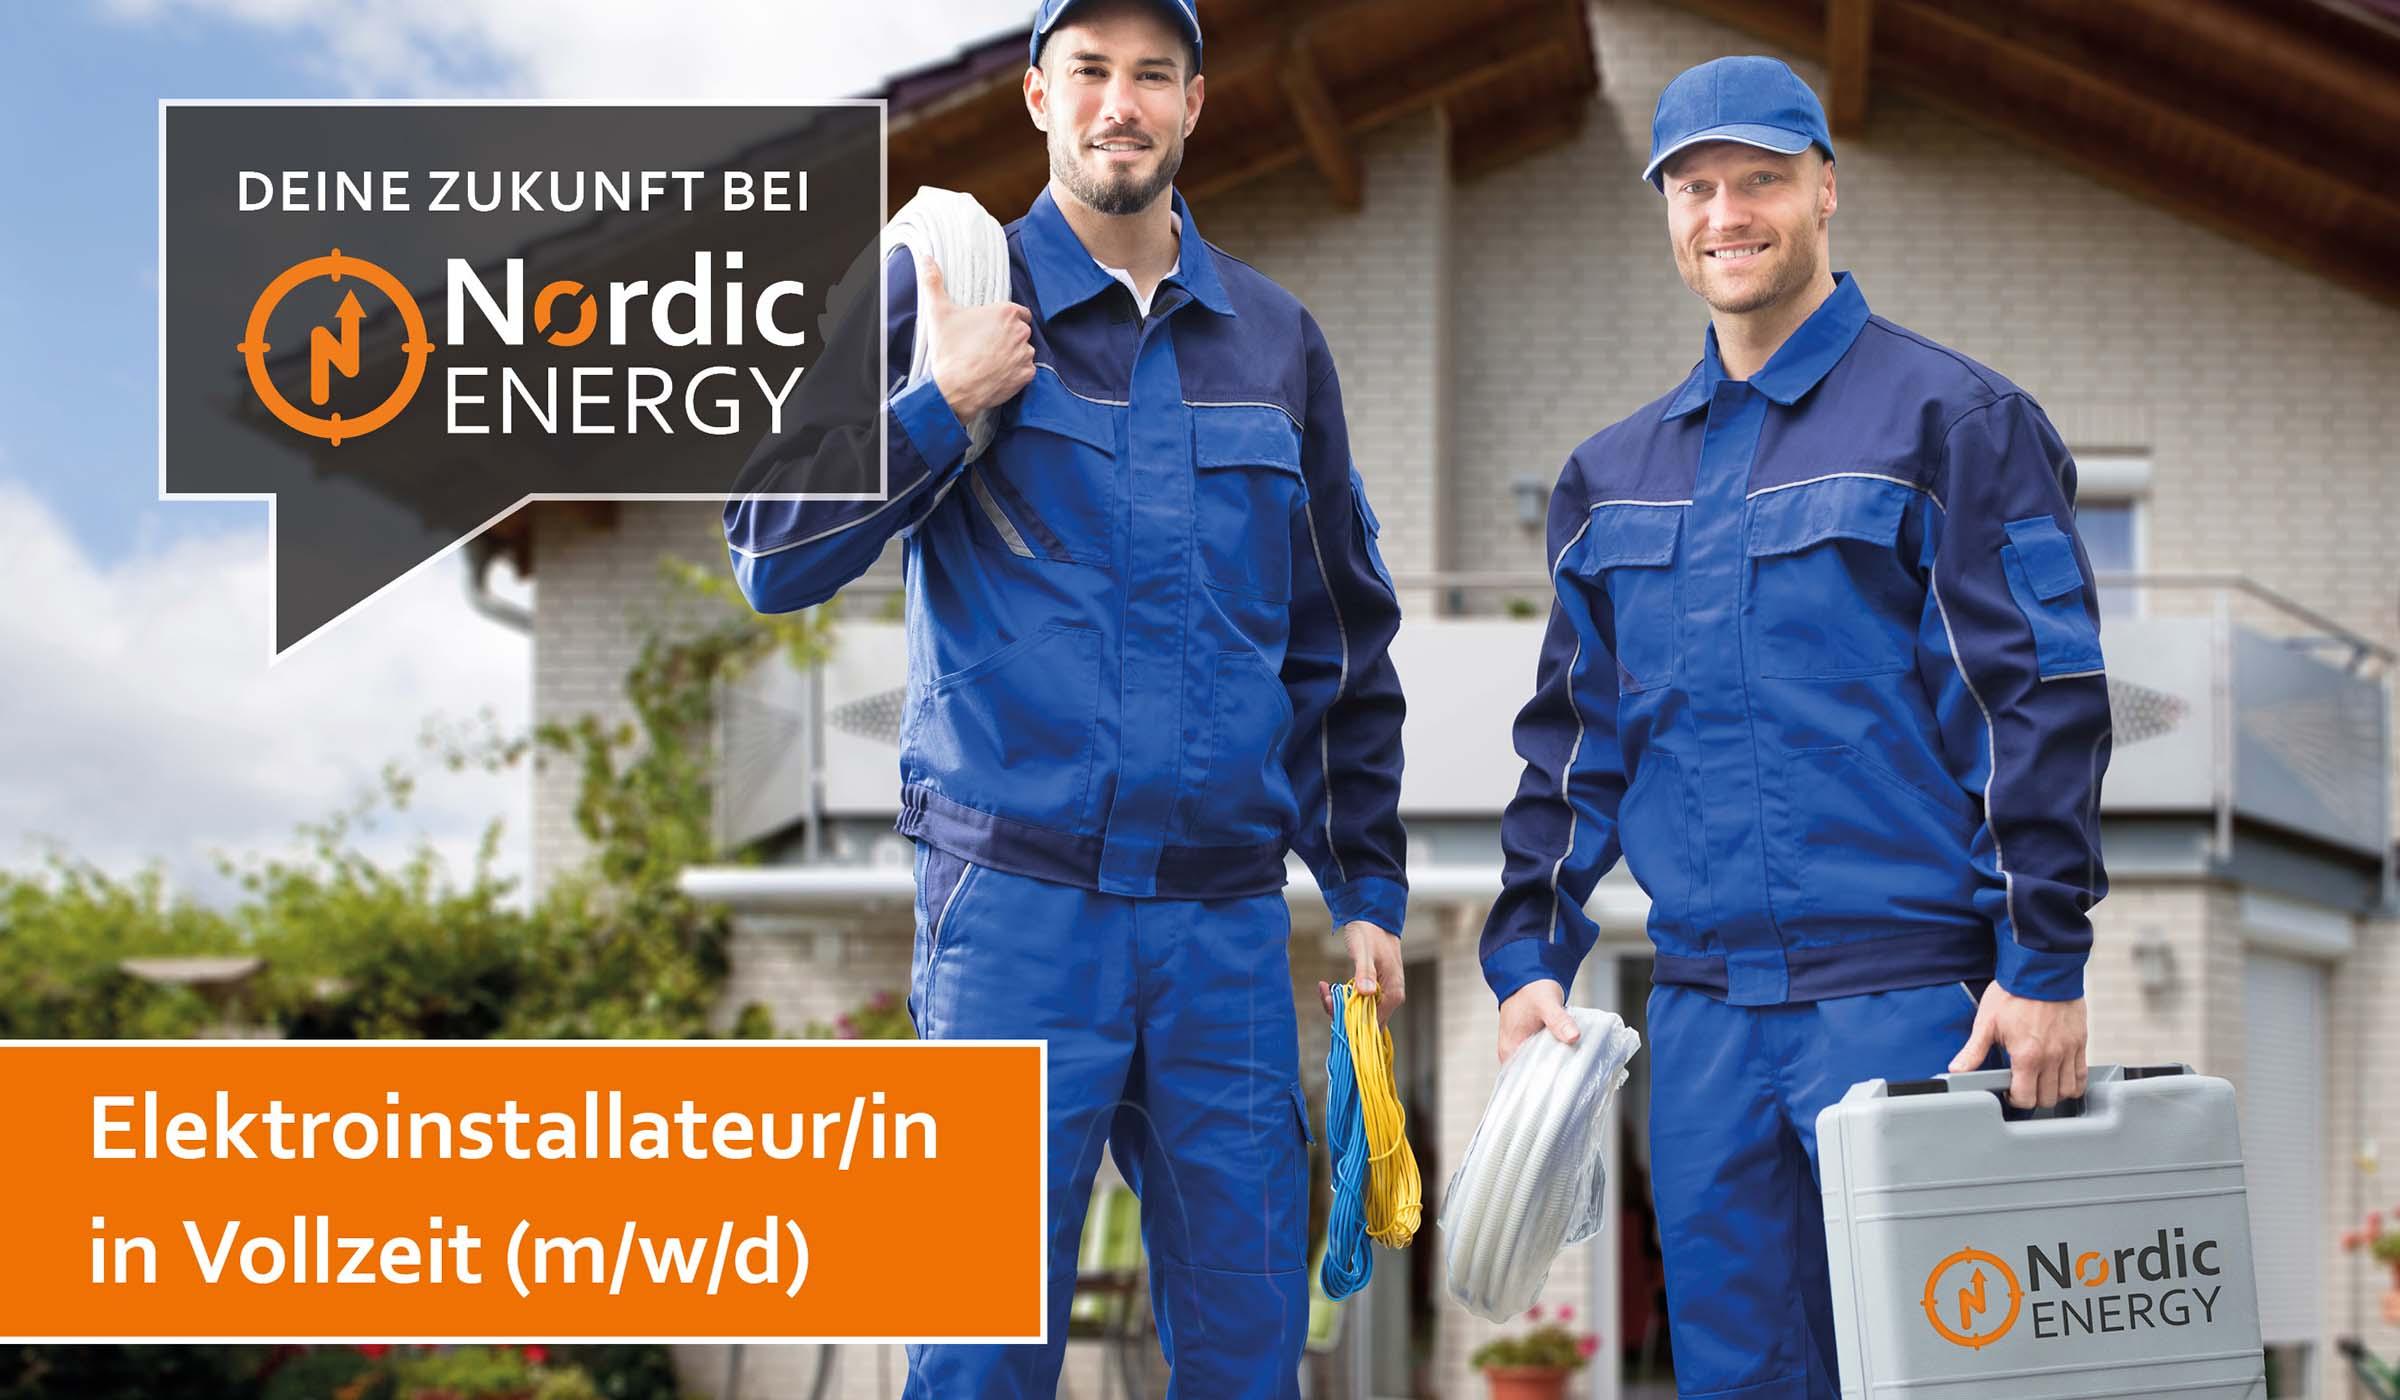 Die Elektroinstallateure von Nordic Energy mit einem Werkzeugkoffer und Kabel in der Hand vor einem Wohnhaus